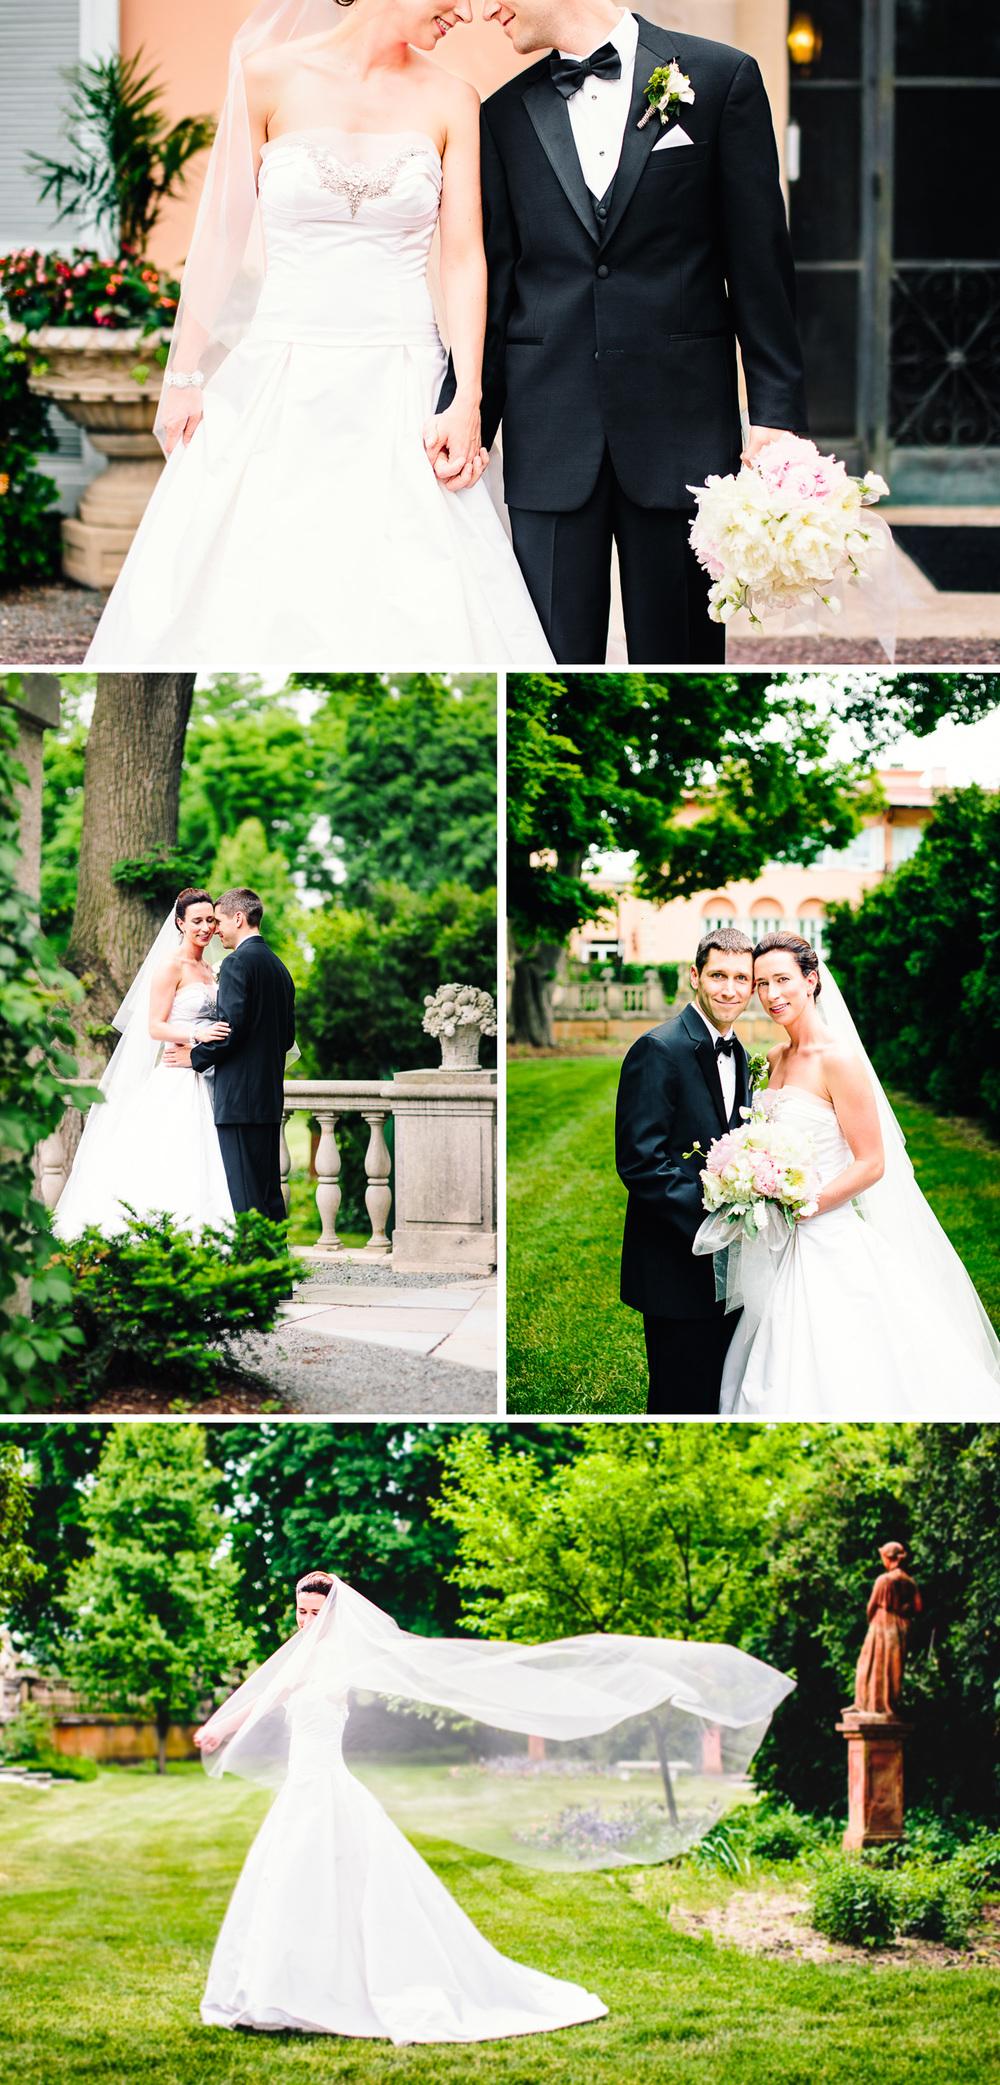 Chicago_Fine_Art_Wedding_Photography_hatfield.jpg